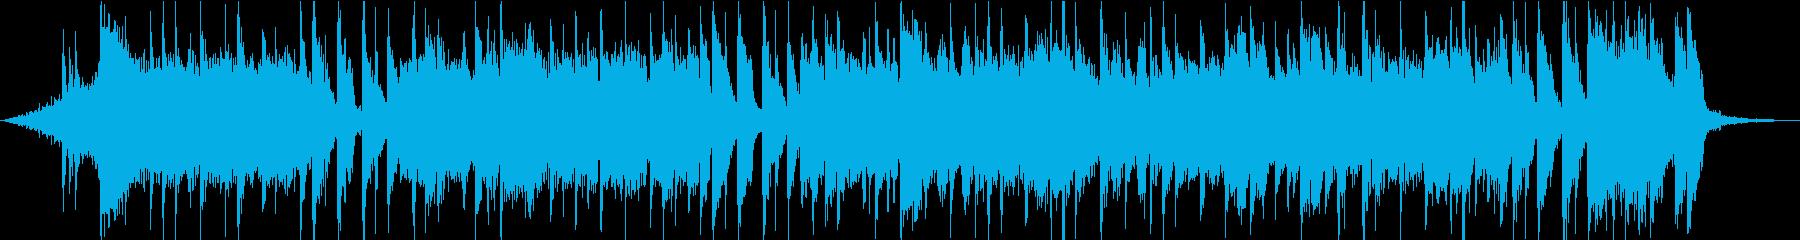 30秒のライトポップなピアノストリングスの再生済みの波形